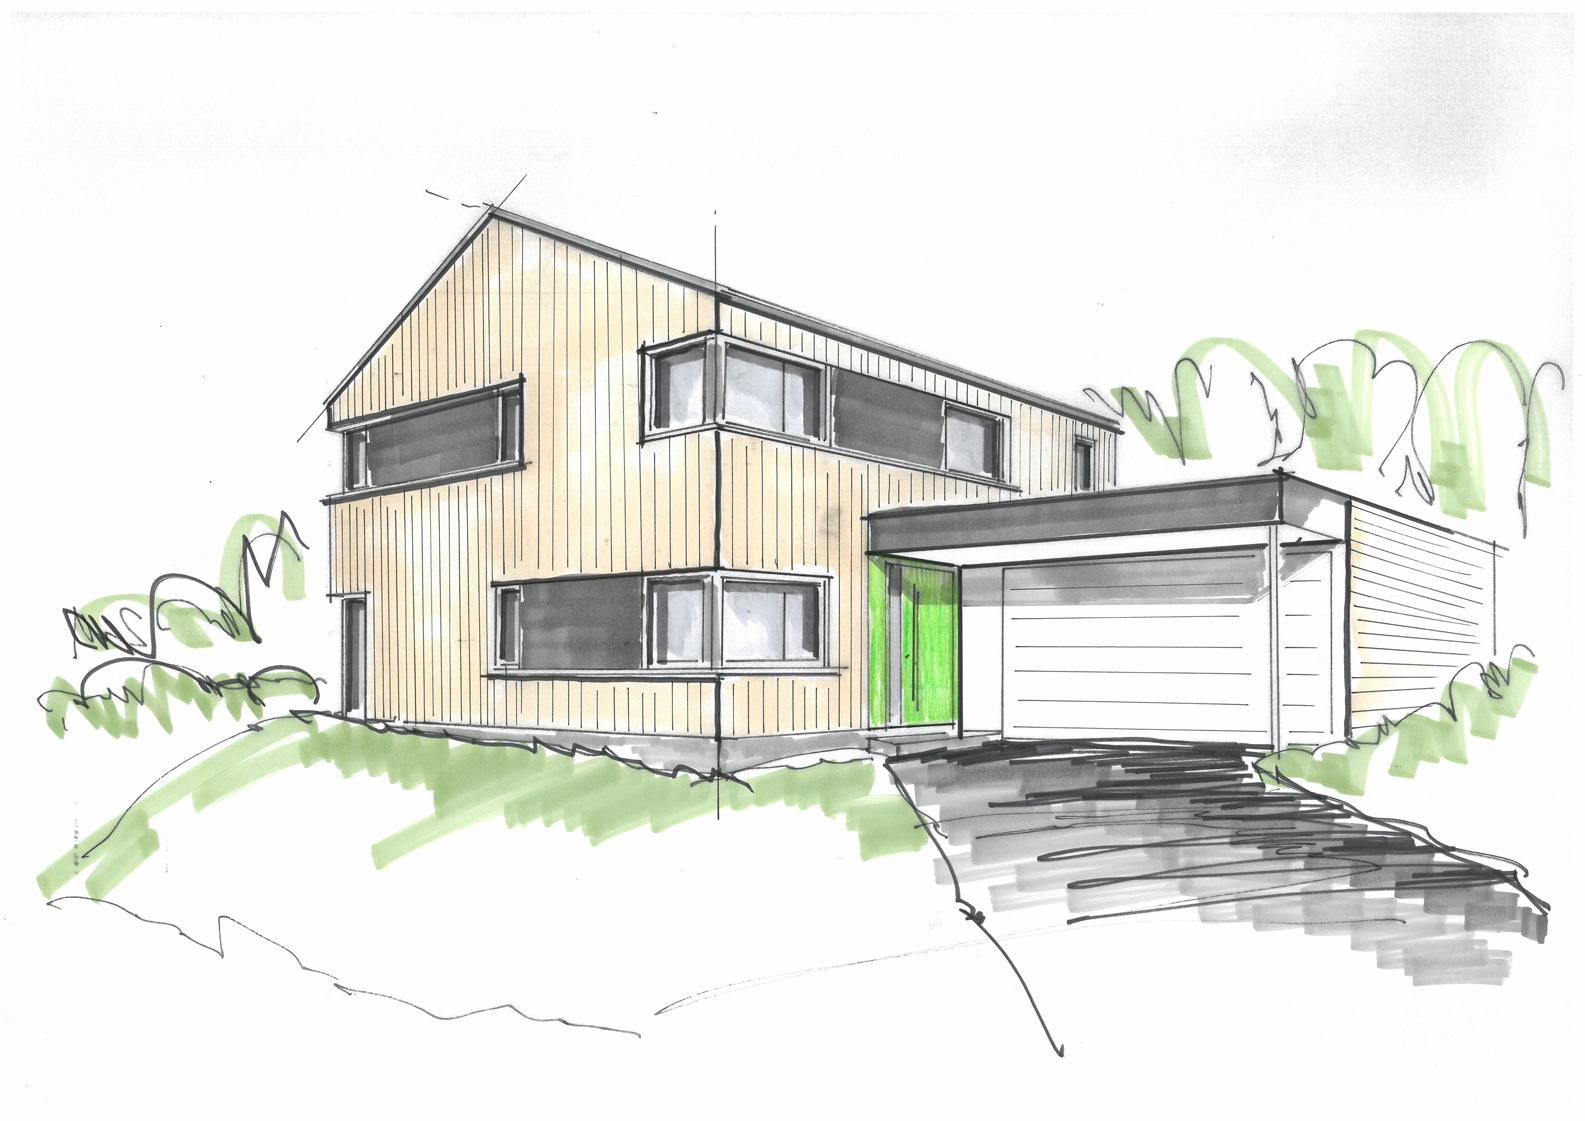 Neubau einfamilienholzhaus im gr nen der holzbau schweiz for Neubau einfamilienhaus